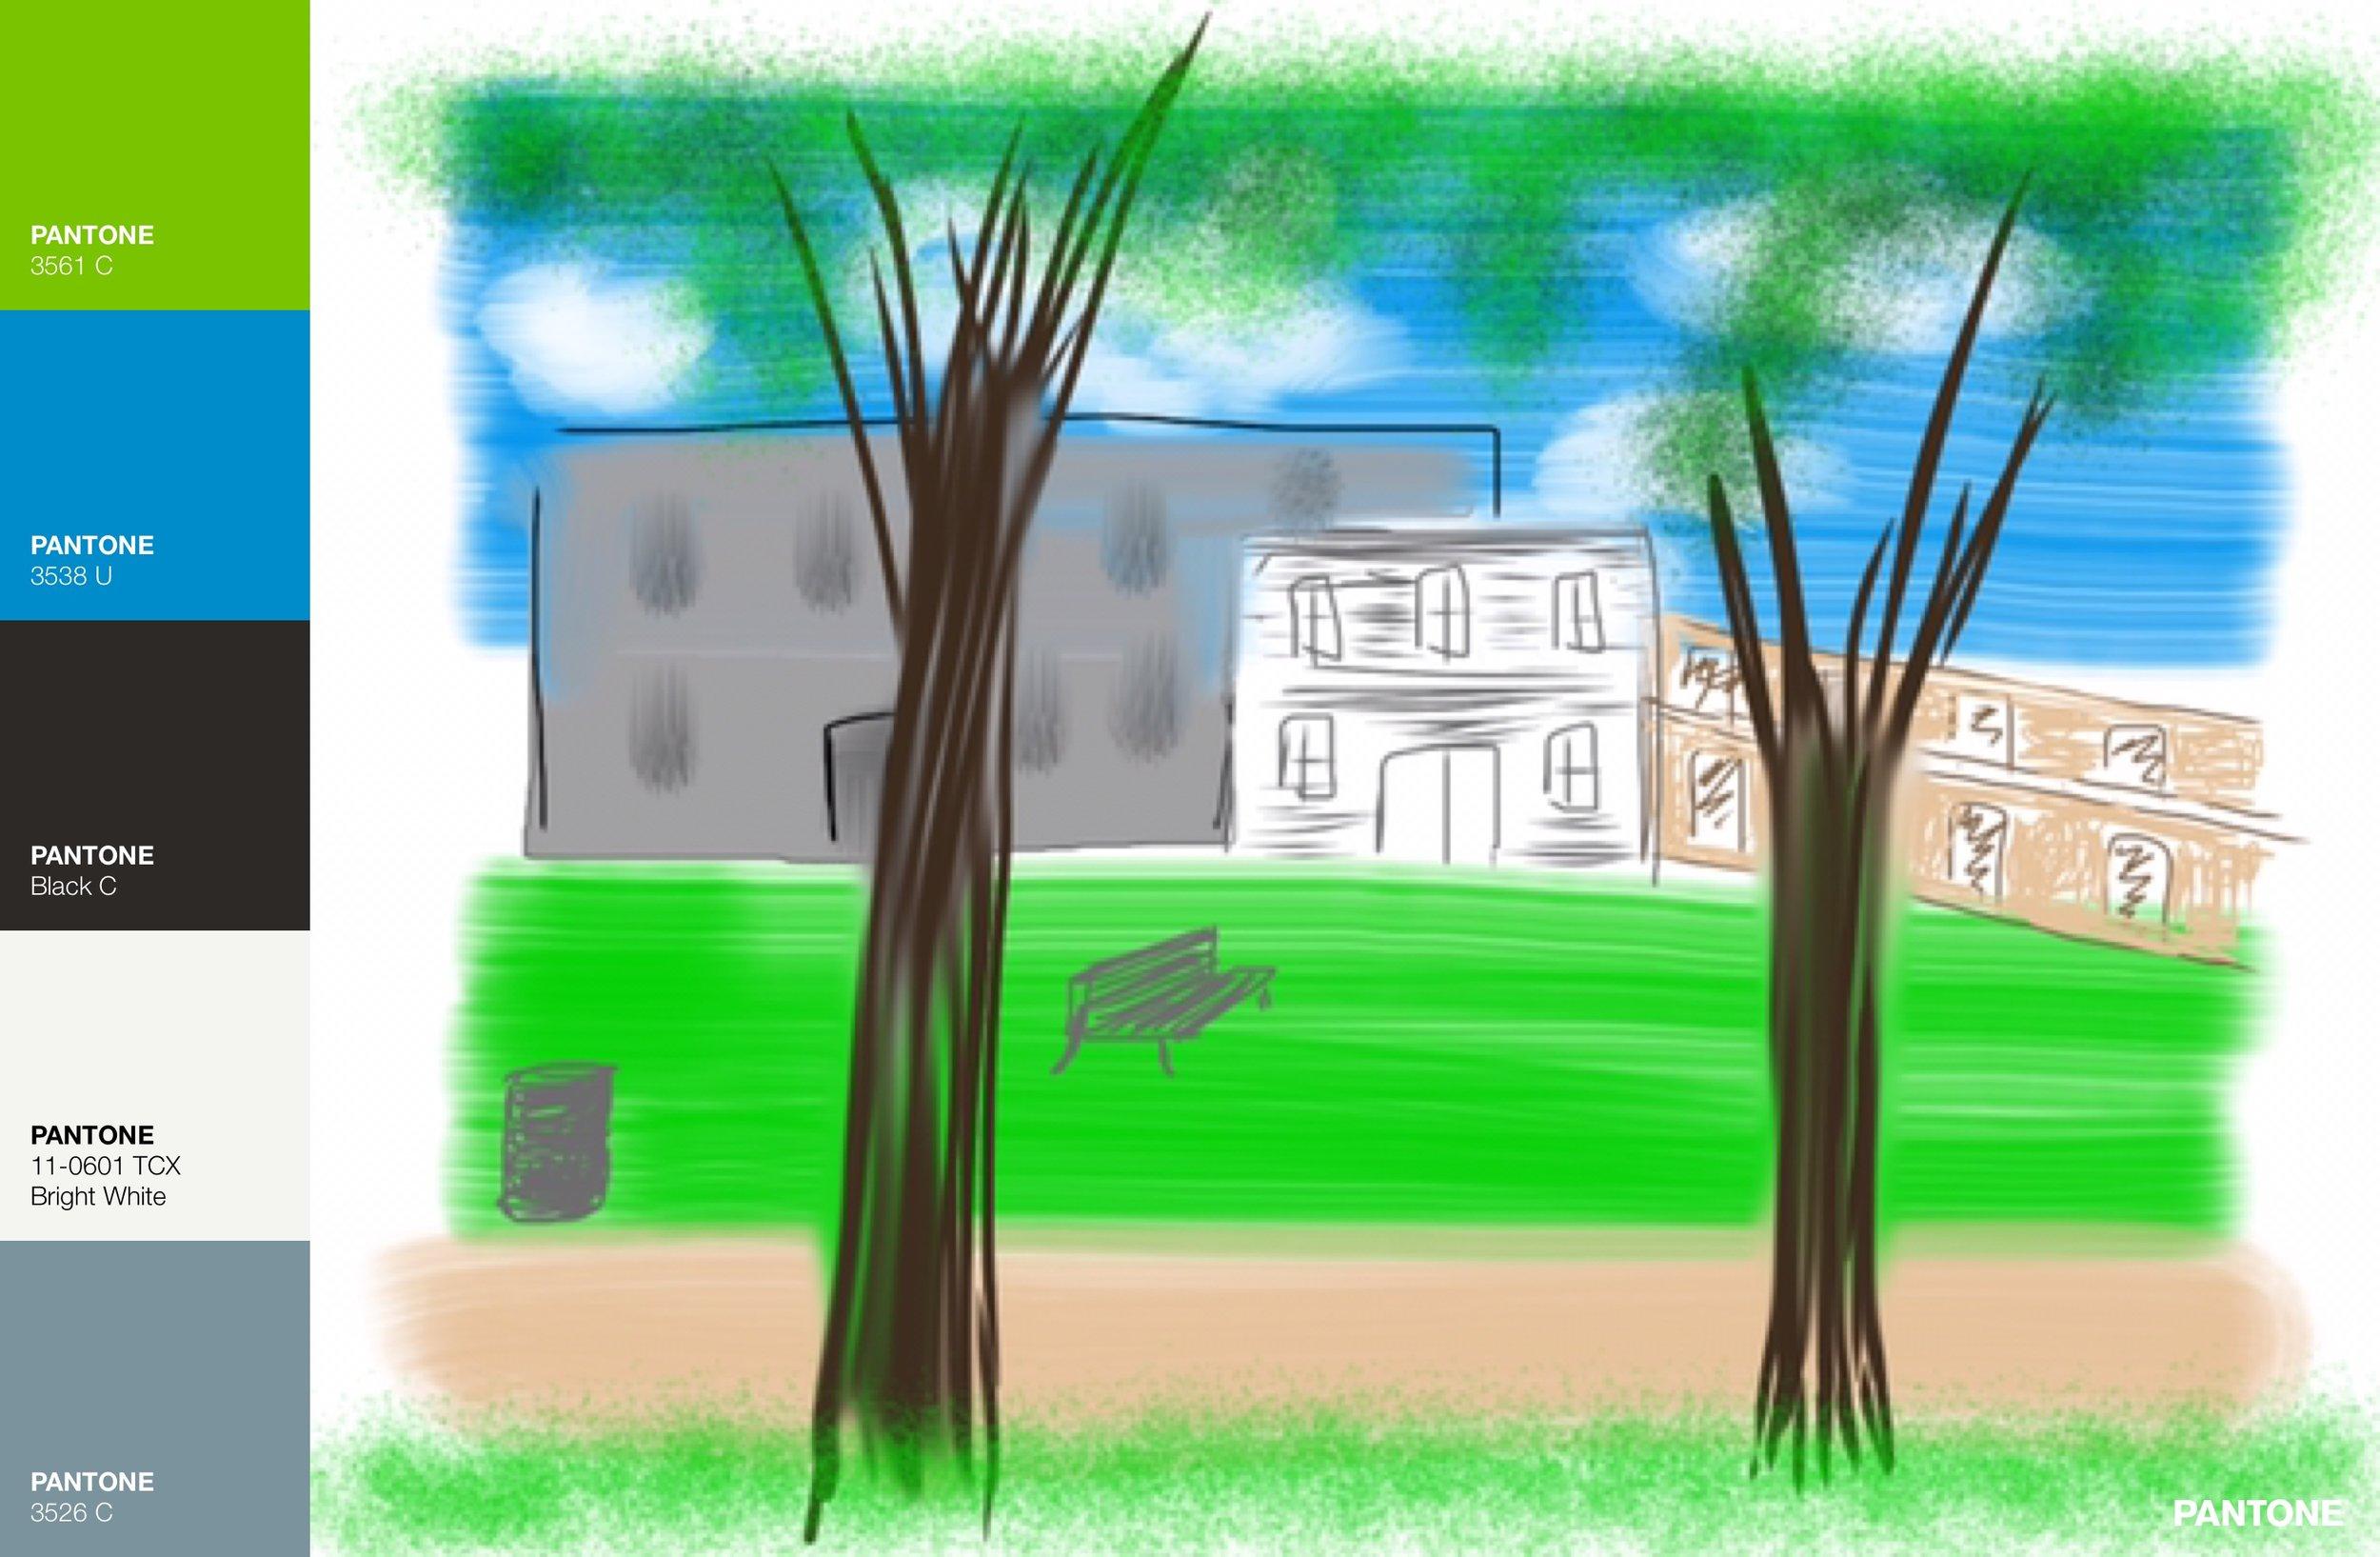 Pantone color palette for Industrial Park painting via Art Studio App.